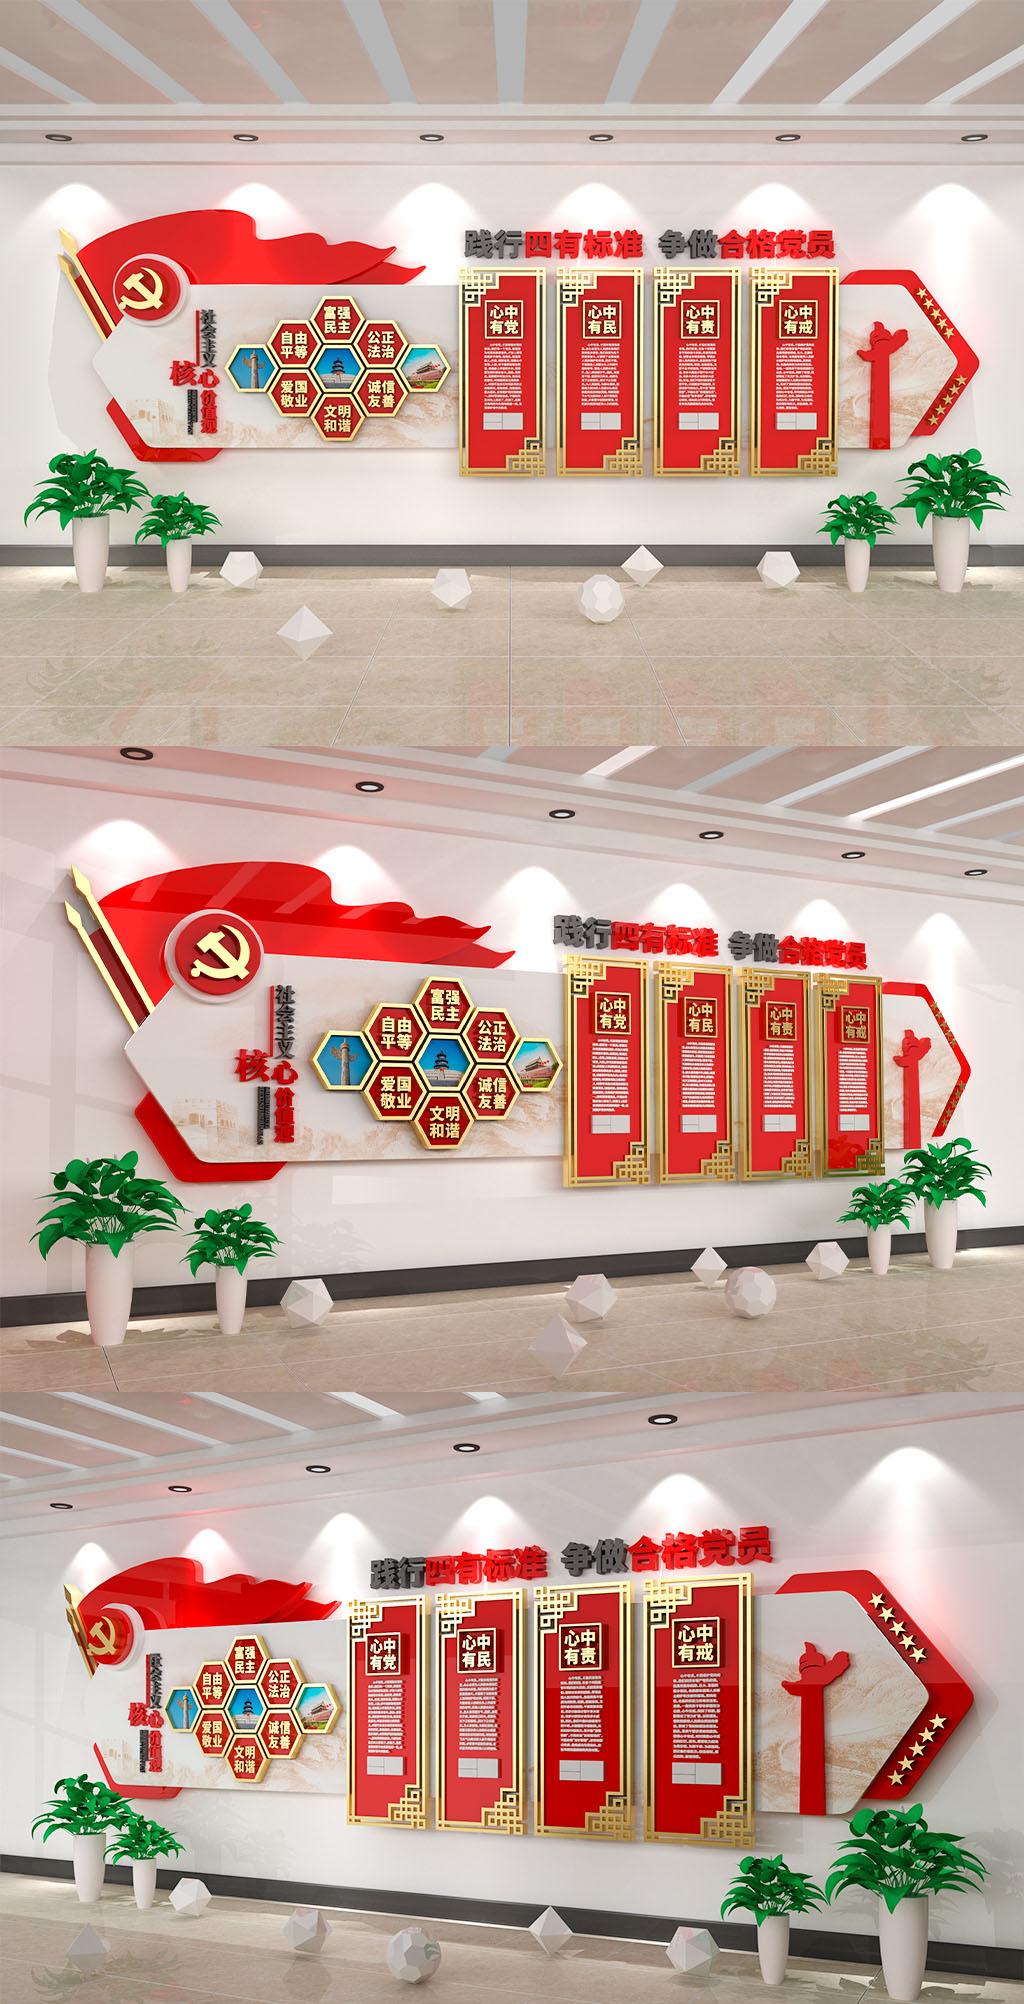 大气心中四有党建文化墙党员活动室模板源文件插图